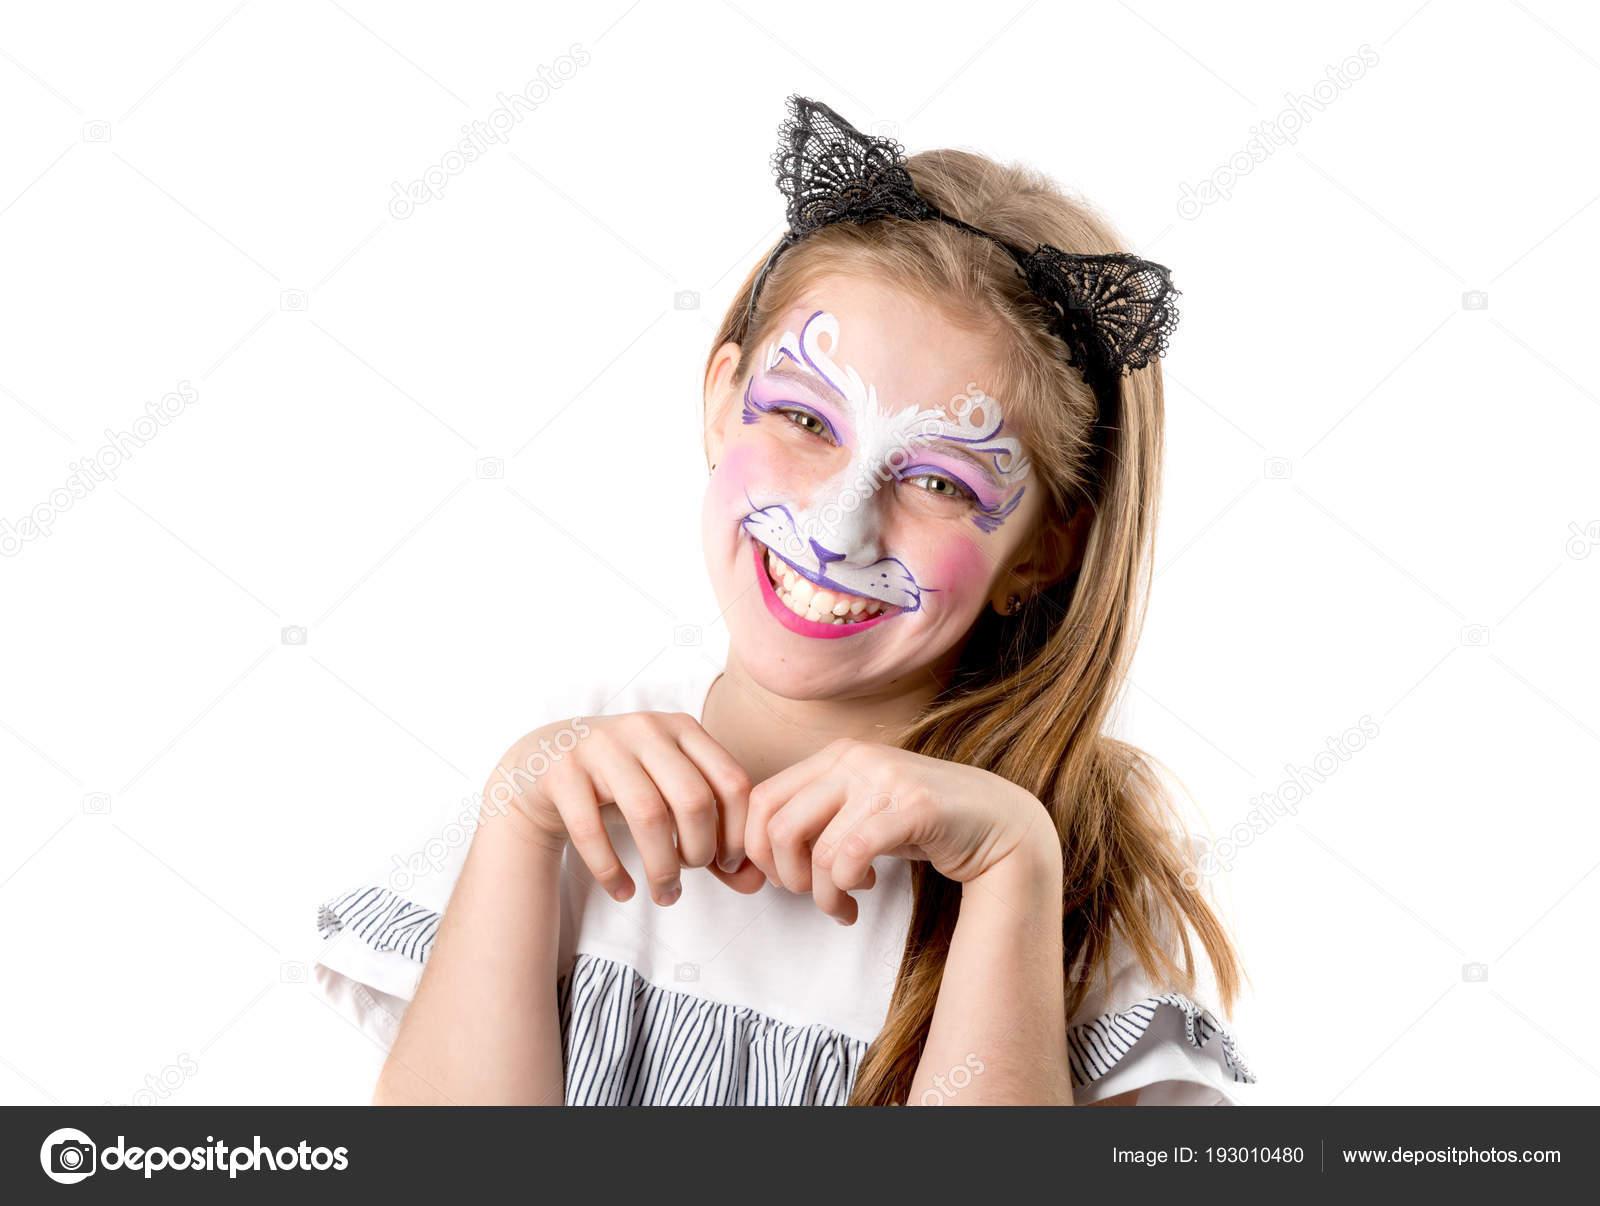 Kedi Yüz Boyama Ile Genç Kız Portresi Stok Foto Tan4ikk 193010480